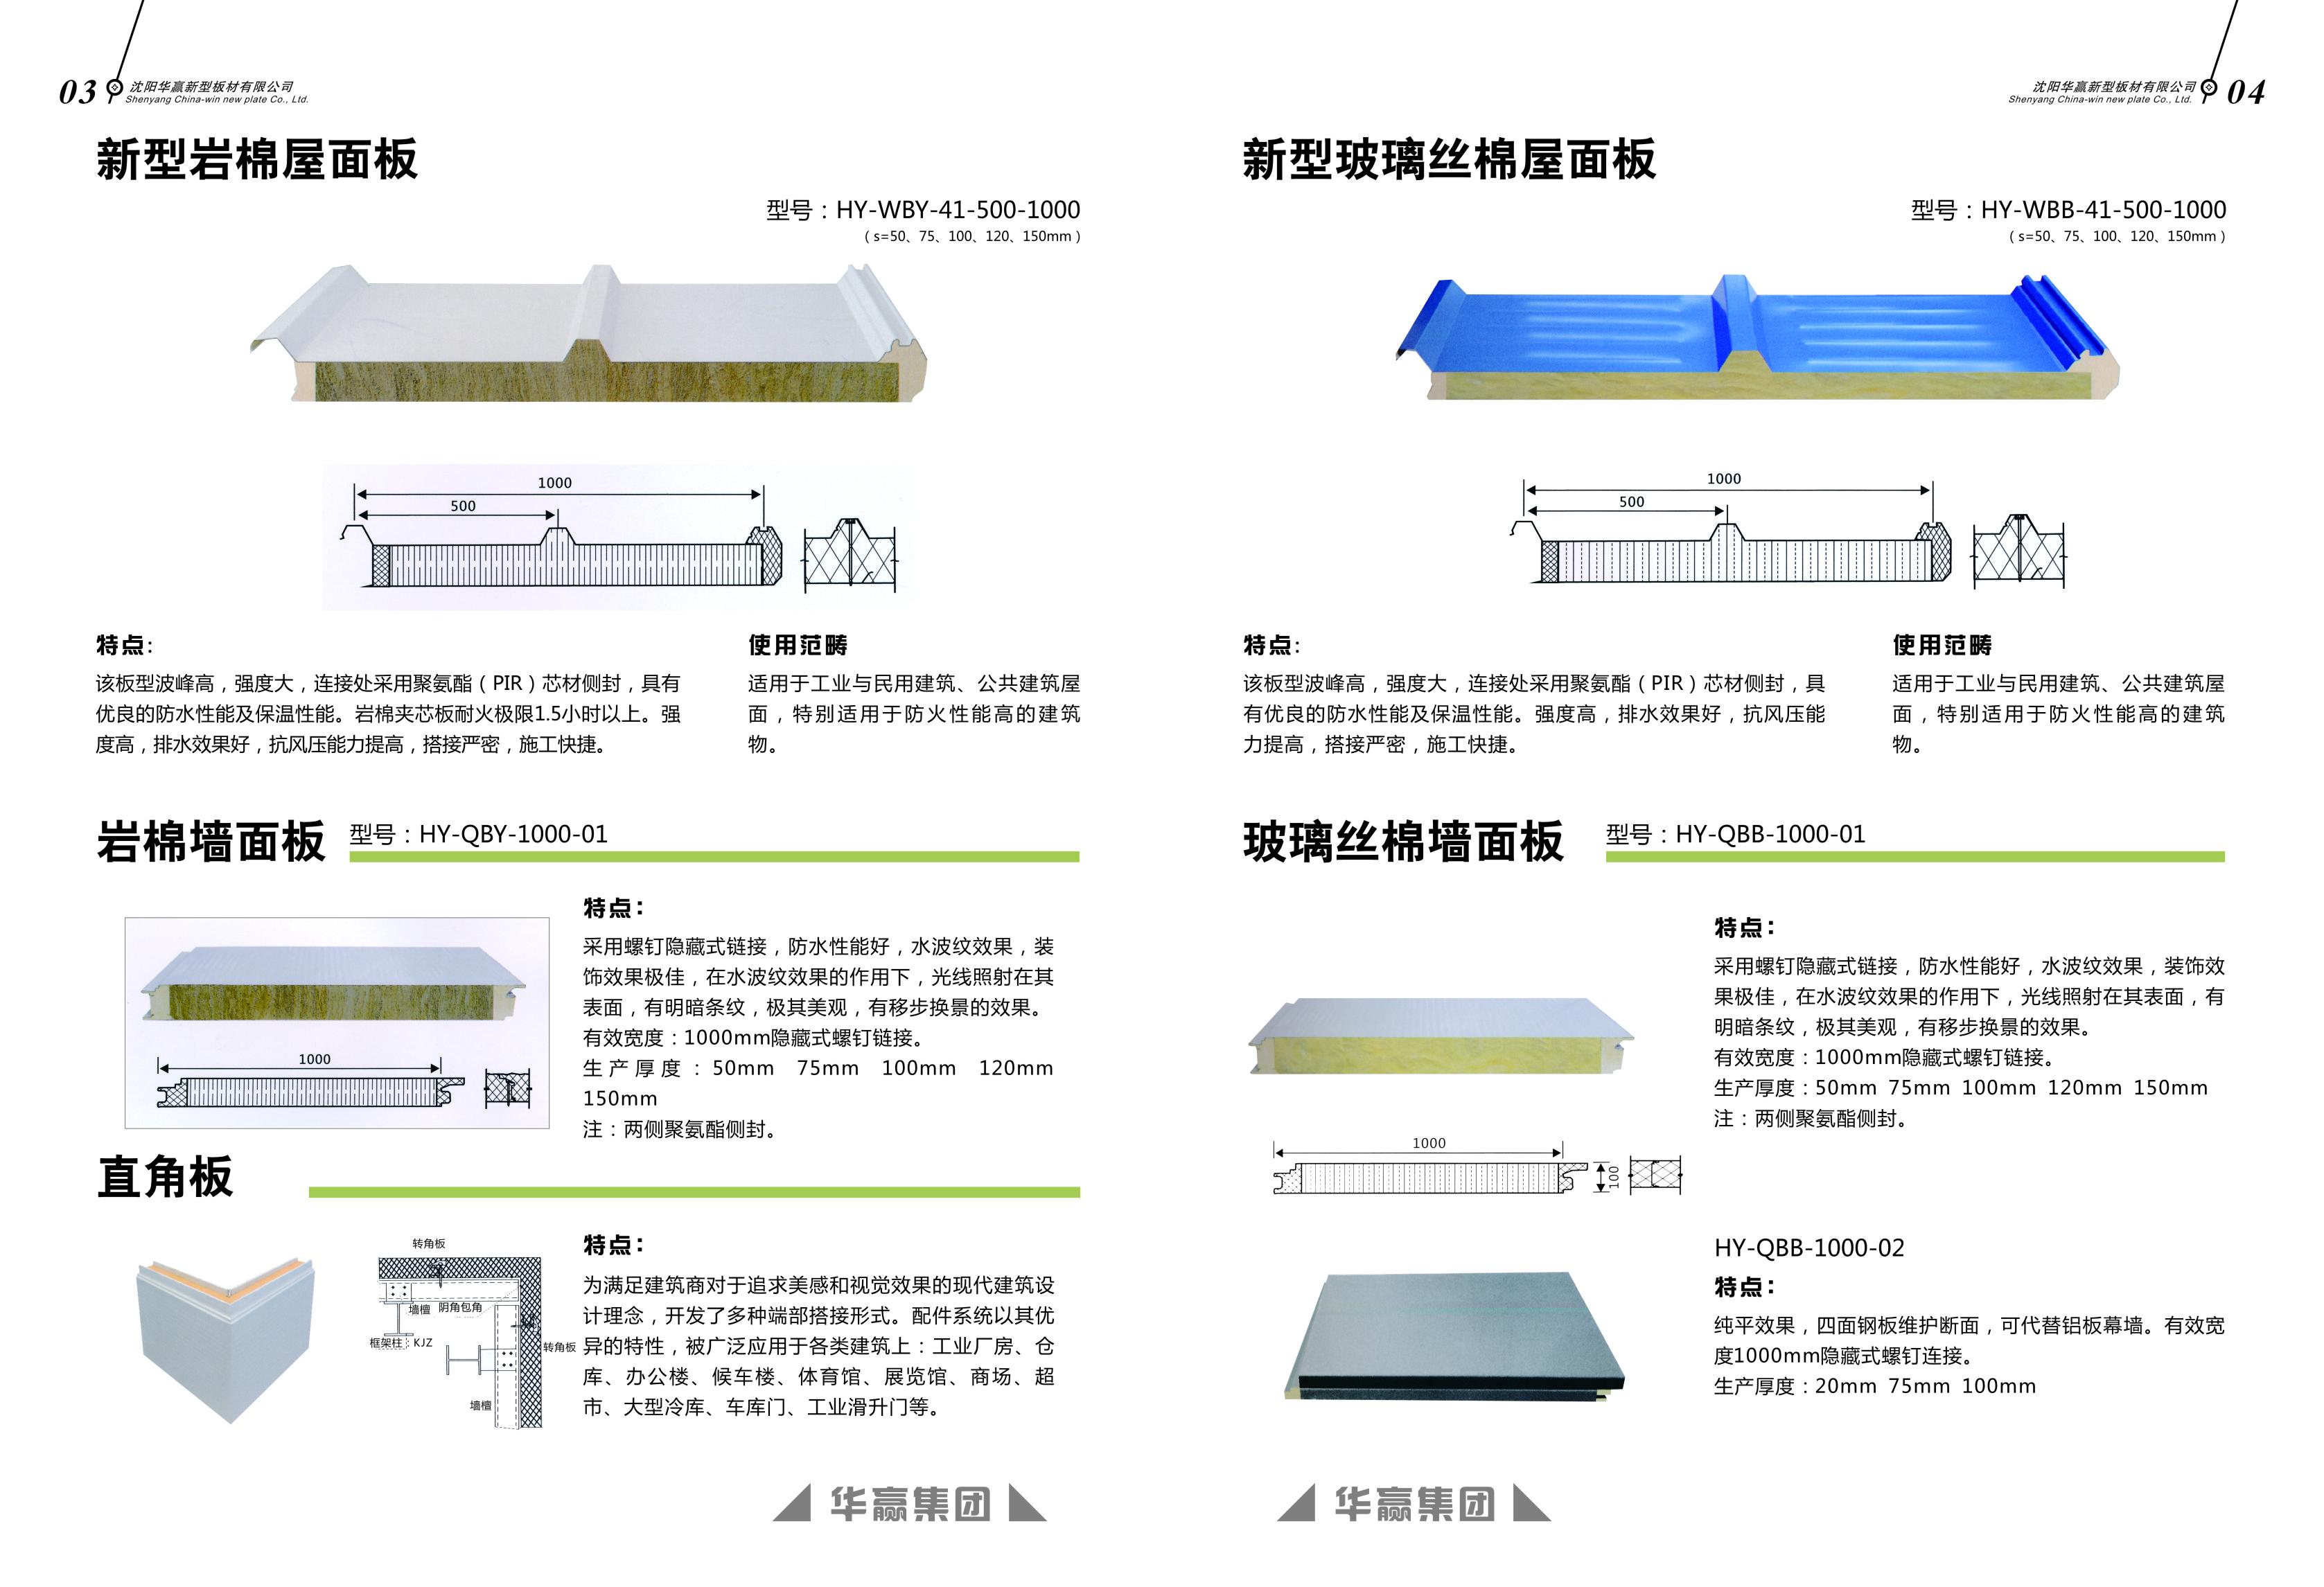 内蒙聚氨酯板沈阳华赢新型板材有限公司、新型岩棉板、A级防火板